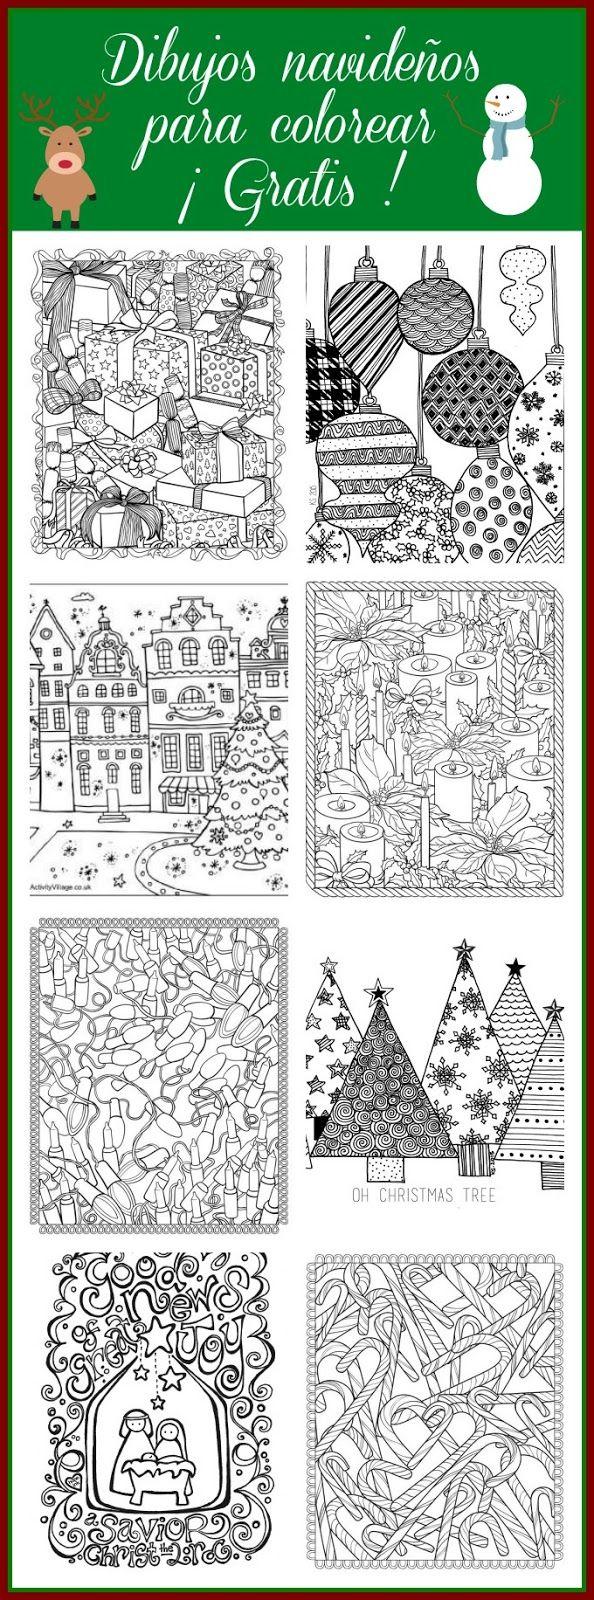 604 besten Dibujos navideños Bilder auf Pinterest | Weihnachten ...